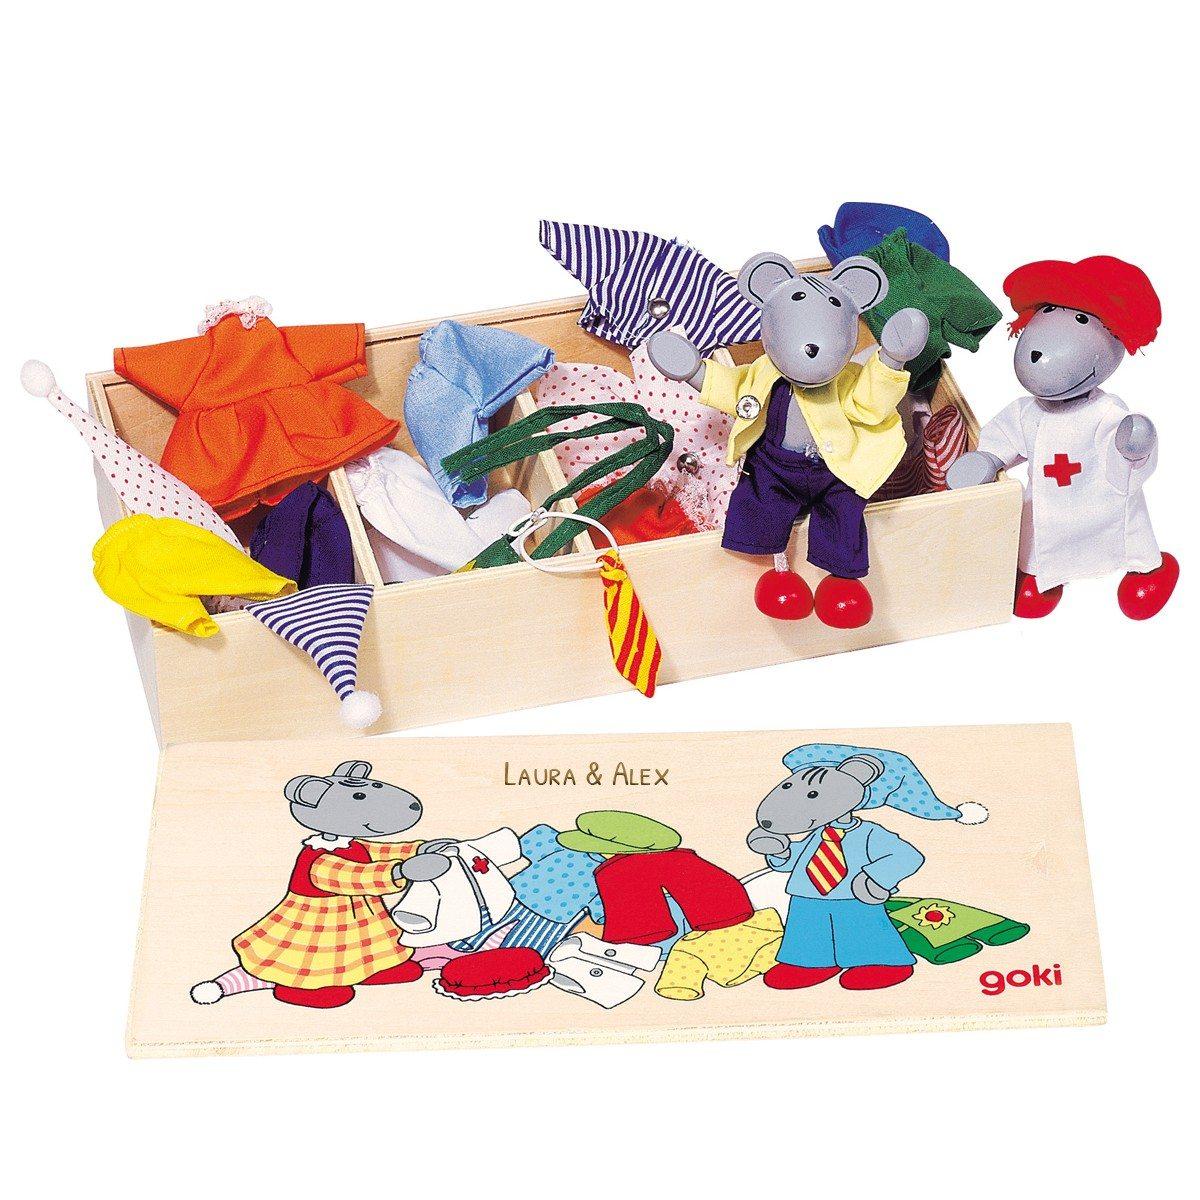 Mäuse-Verkleidungsset mit Namen